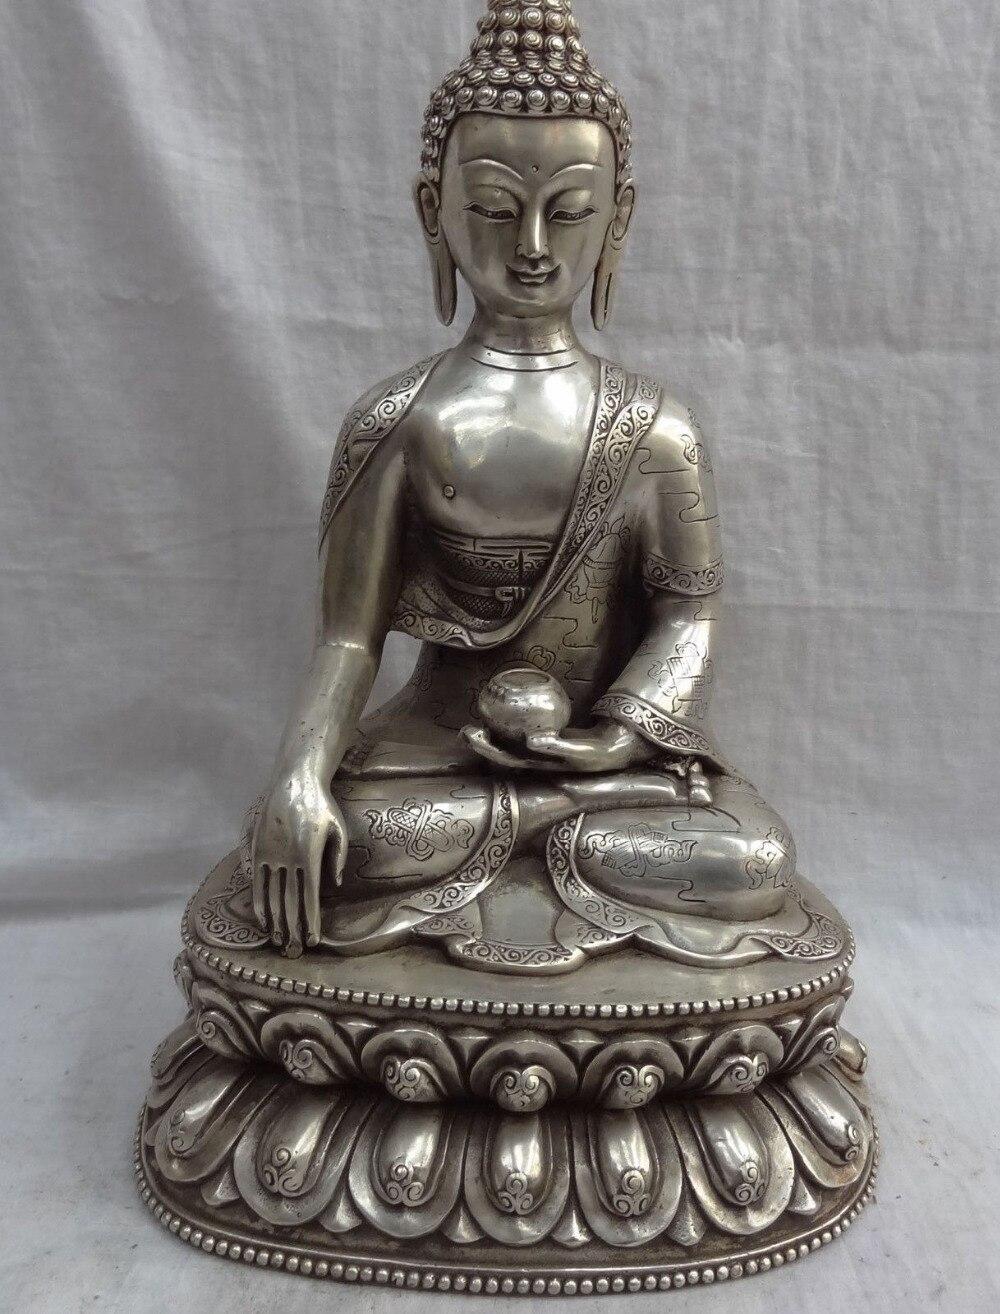 008931 13 Chinese Silver 8 Auspicious Symbol Tibet Lotus Shakyamuni Buddha Bowl Statue008931 13 Chinese Silver 8 Auspicious Symbol Tibet Lotus Shakyamuni Buddha Bowl Statue